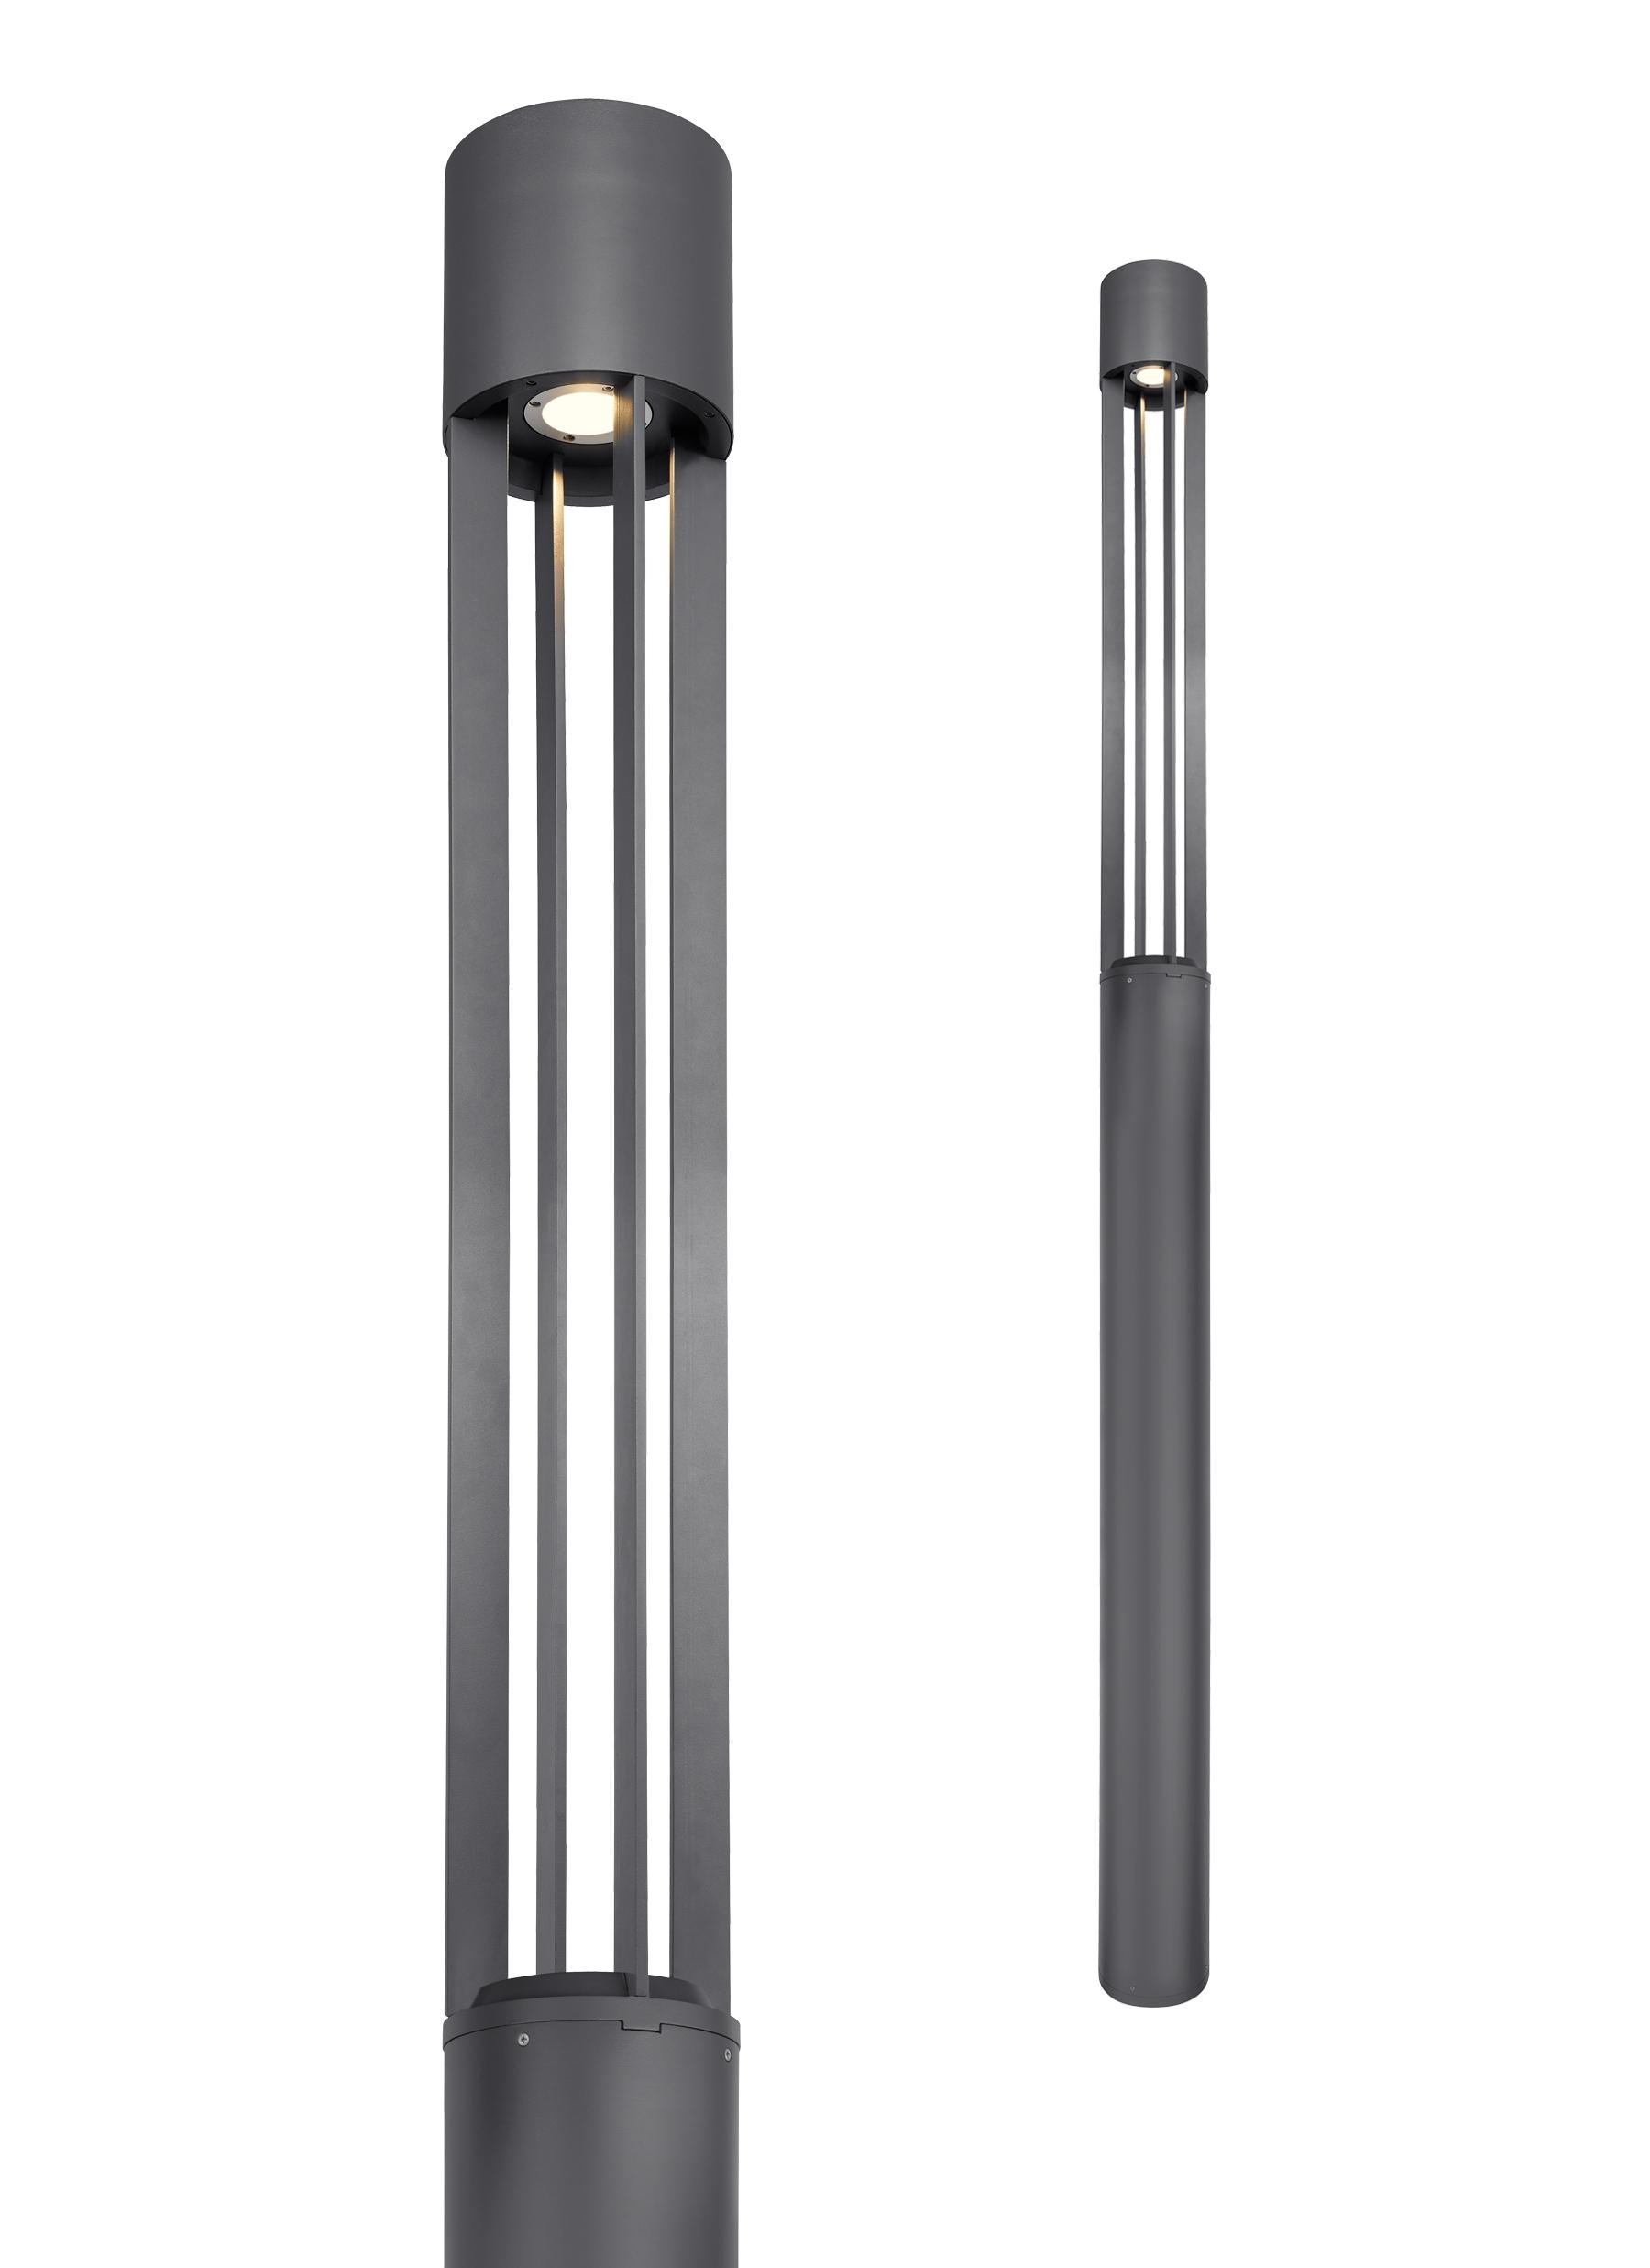 Turbo Outdoor Light Column